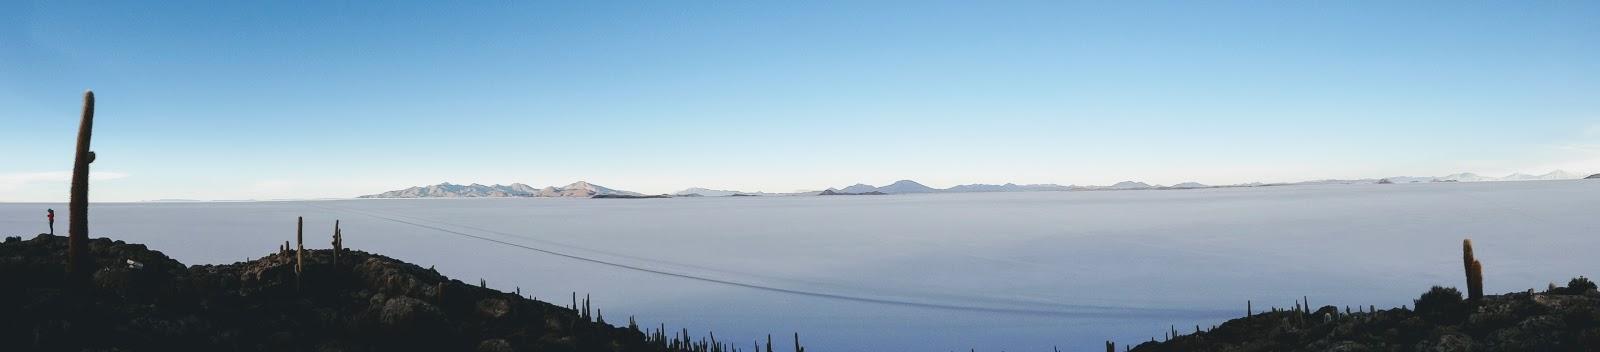 O que o viajante precisa saber para enfrentar a viagem ao Salar de Uyuni, na Bolívia, partindo de São Pedro de Atacama, no Chile.